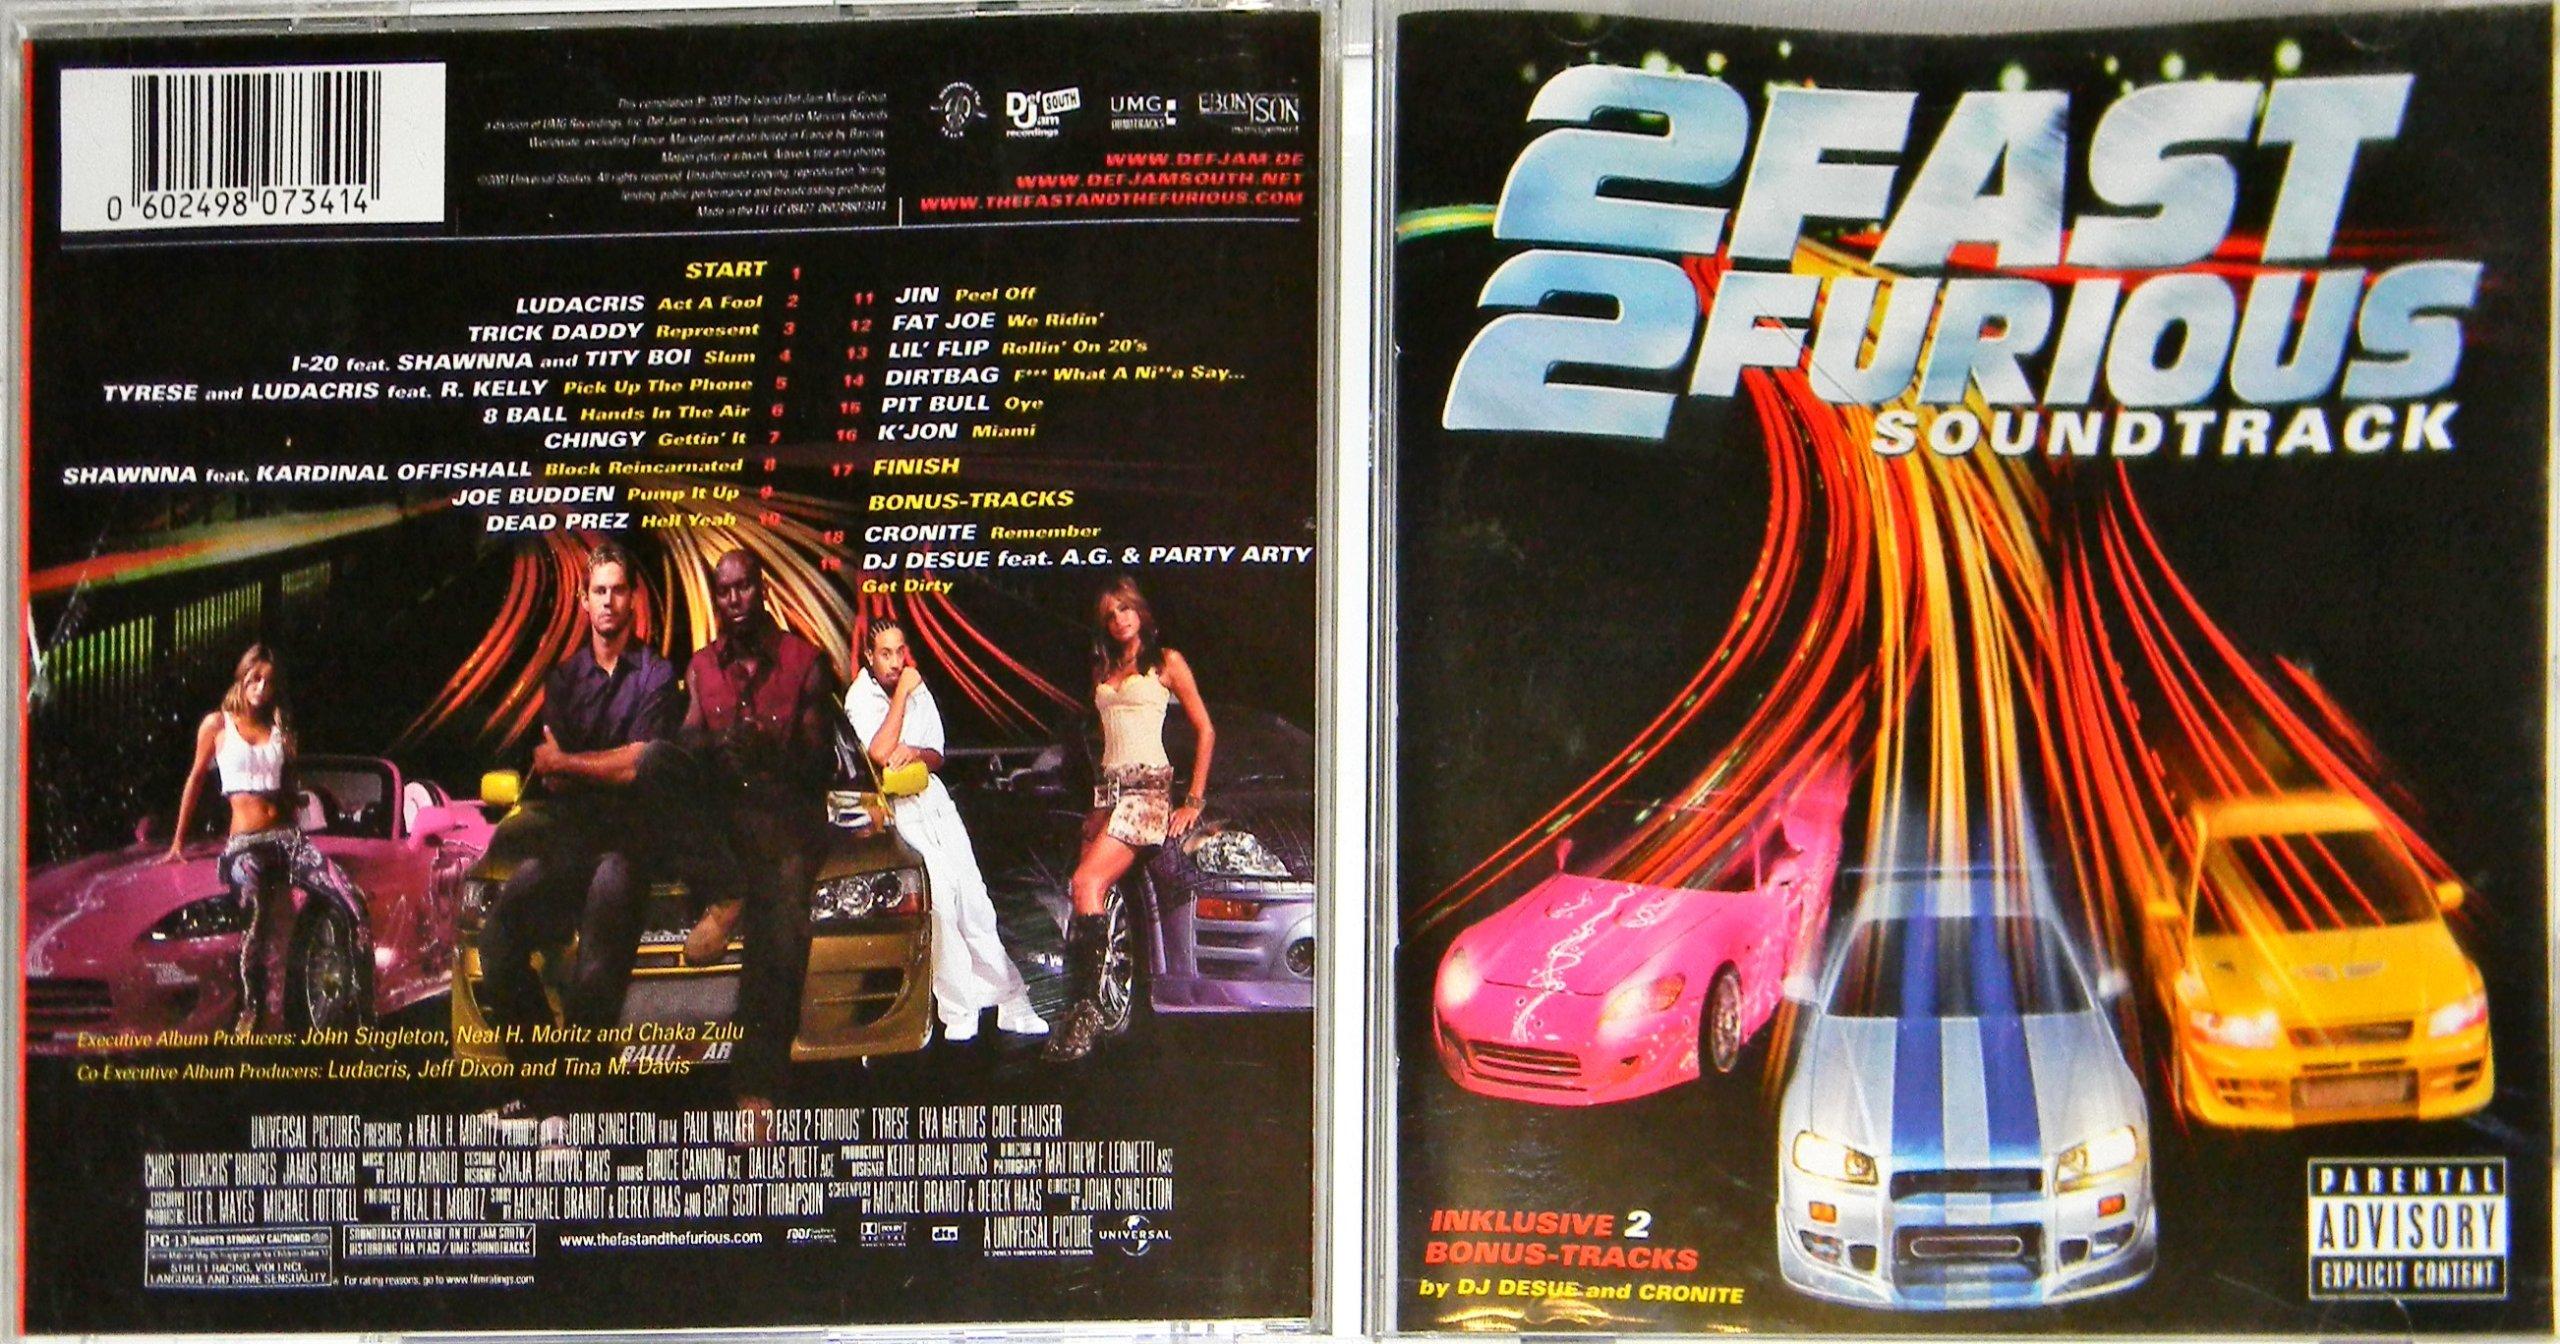 2 Fast 2 Furious (Soundtrack) 2003 ALBUM CD - 6760283837